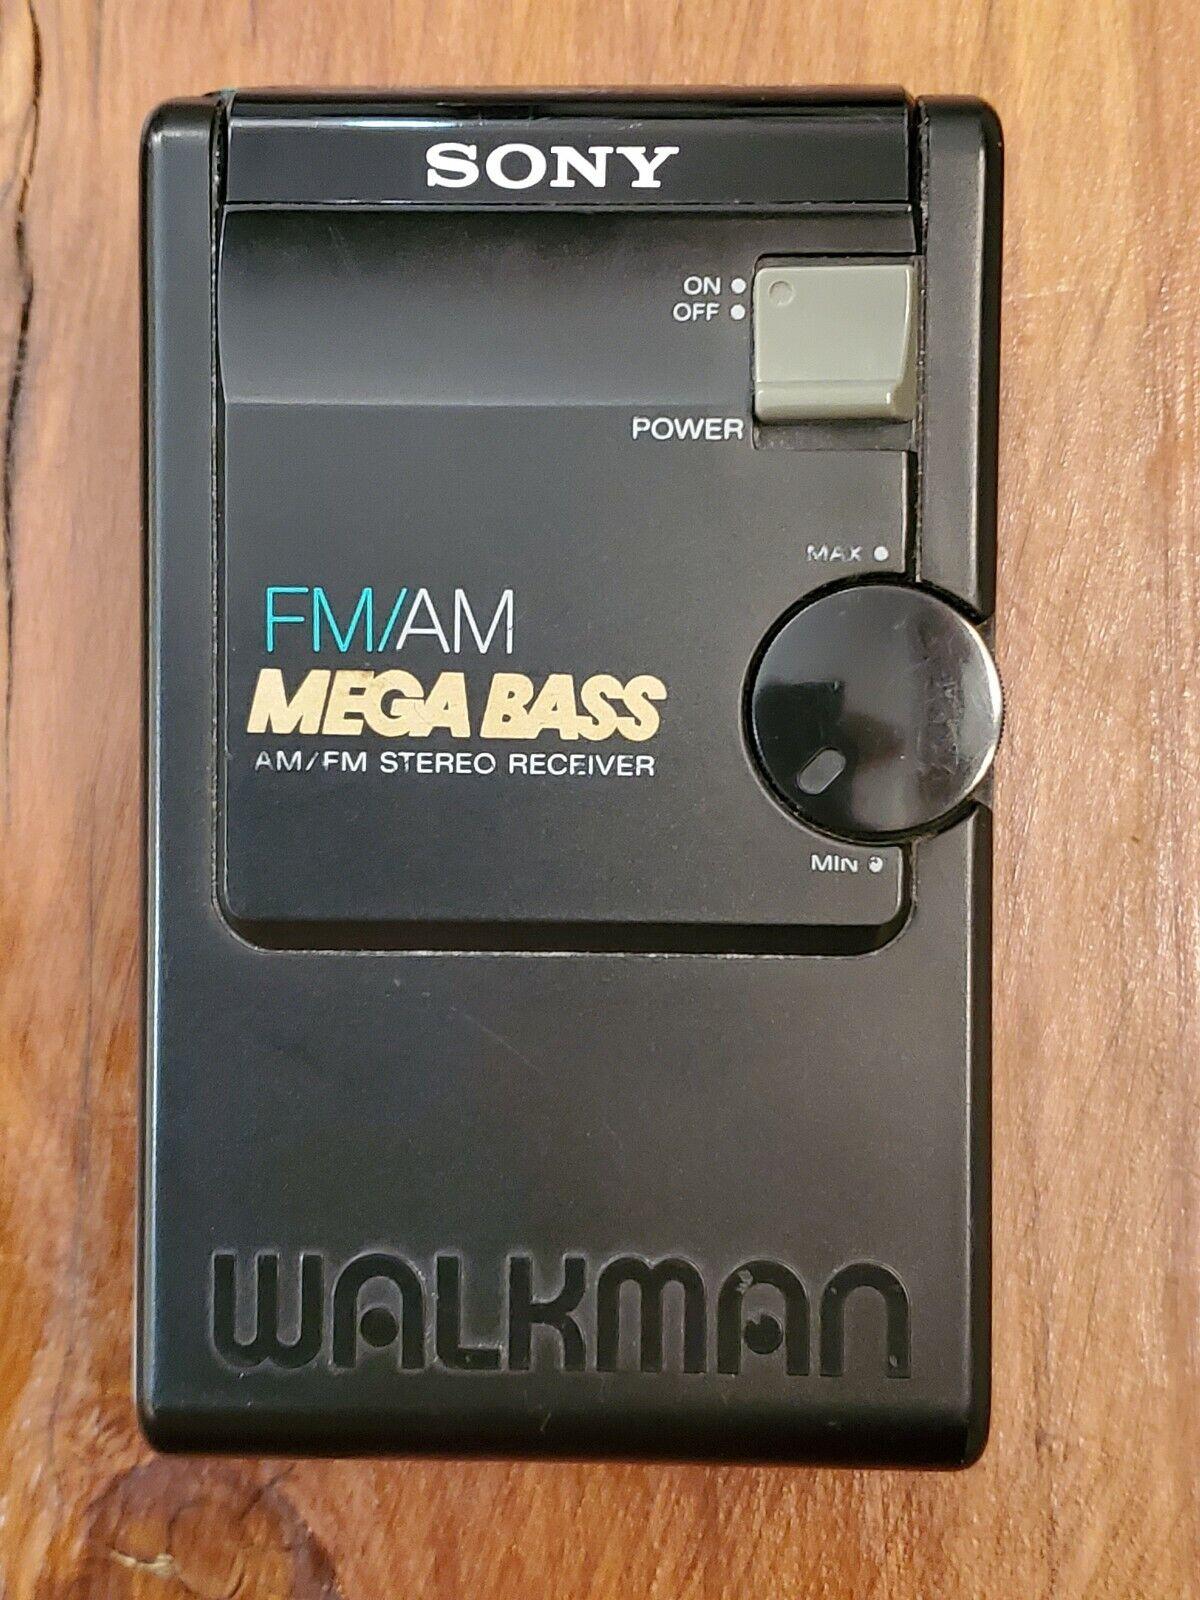 SONY WALKMAN SRF-19W AM//FM STEREO RECEIVER WITH HEADPHONES-NEW